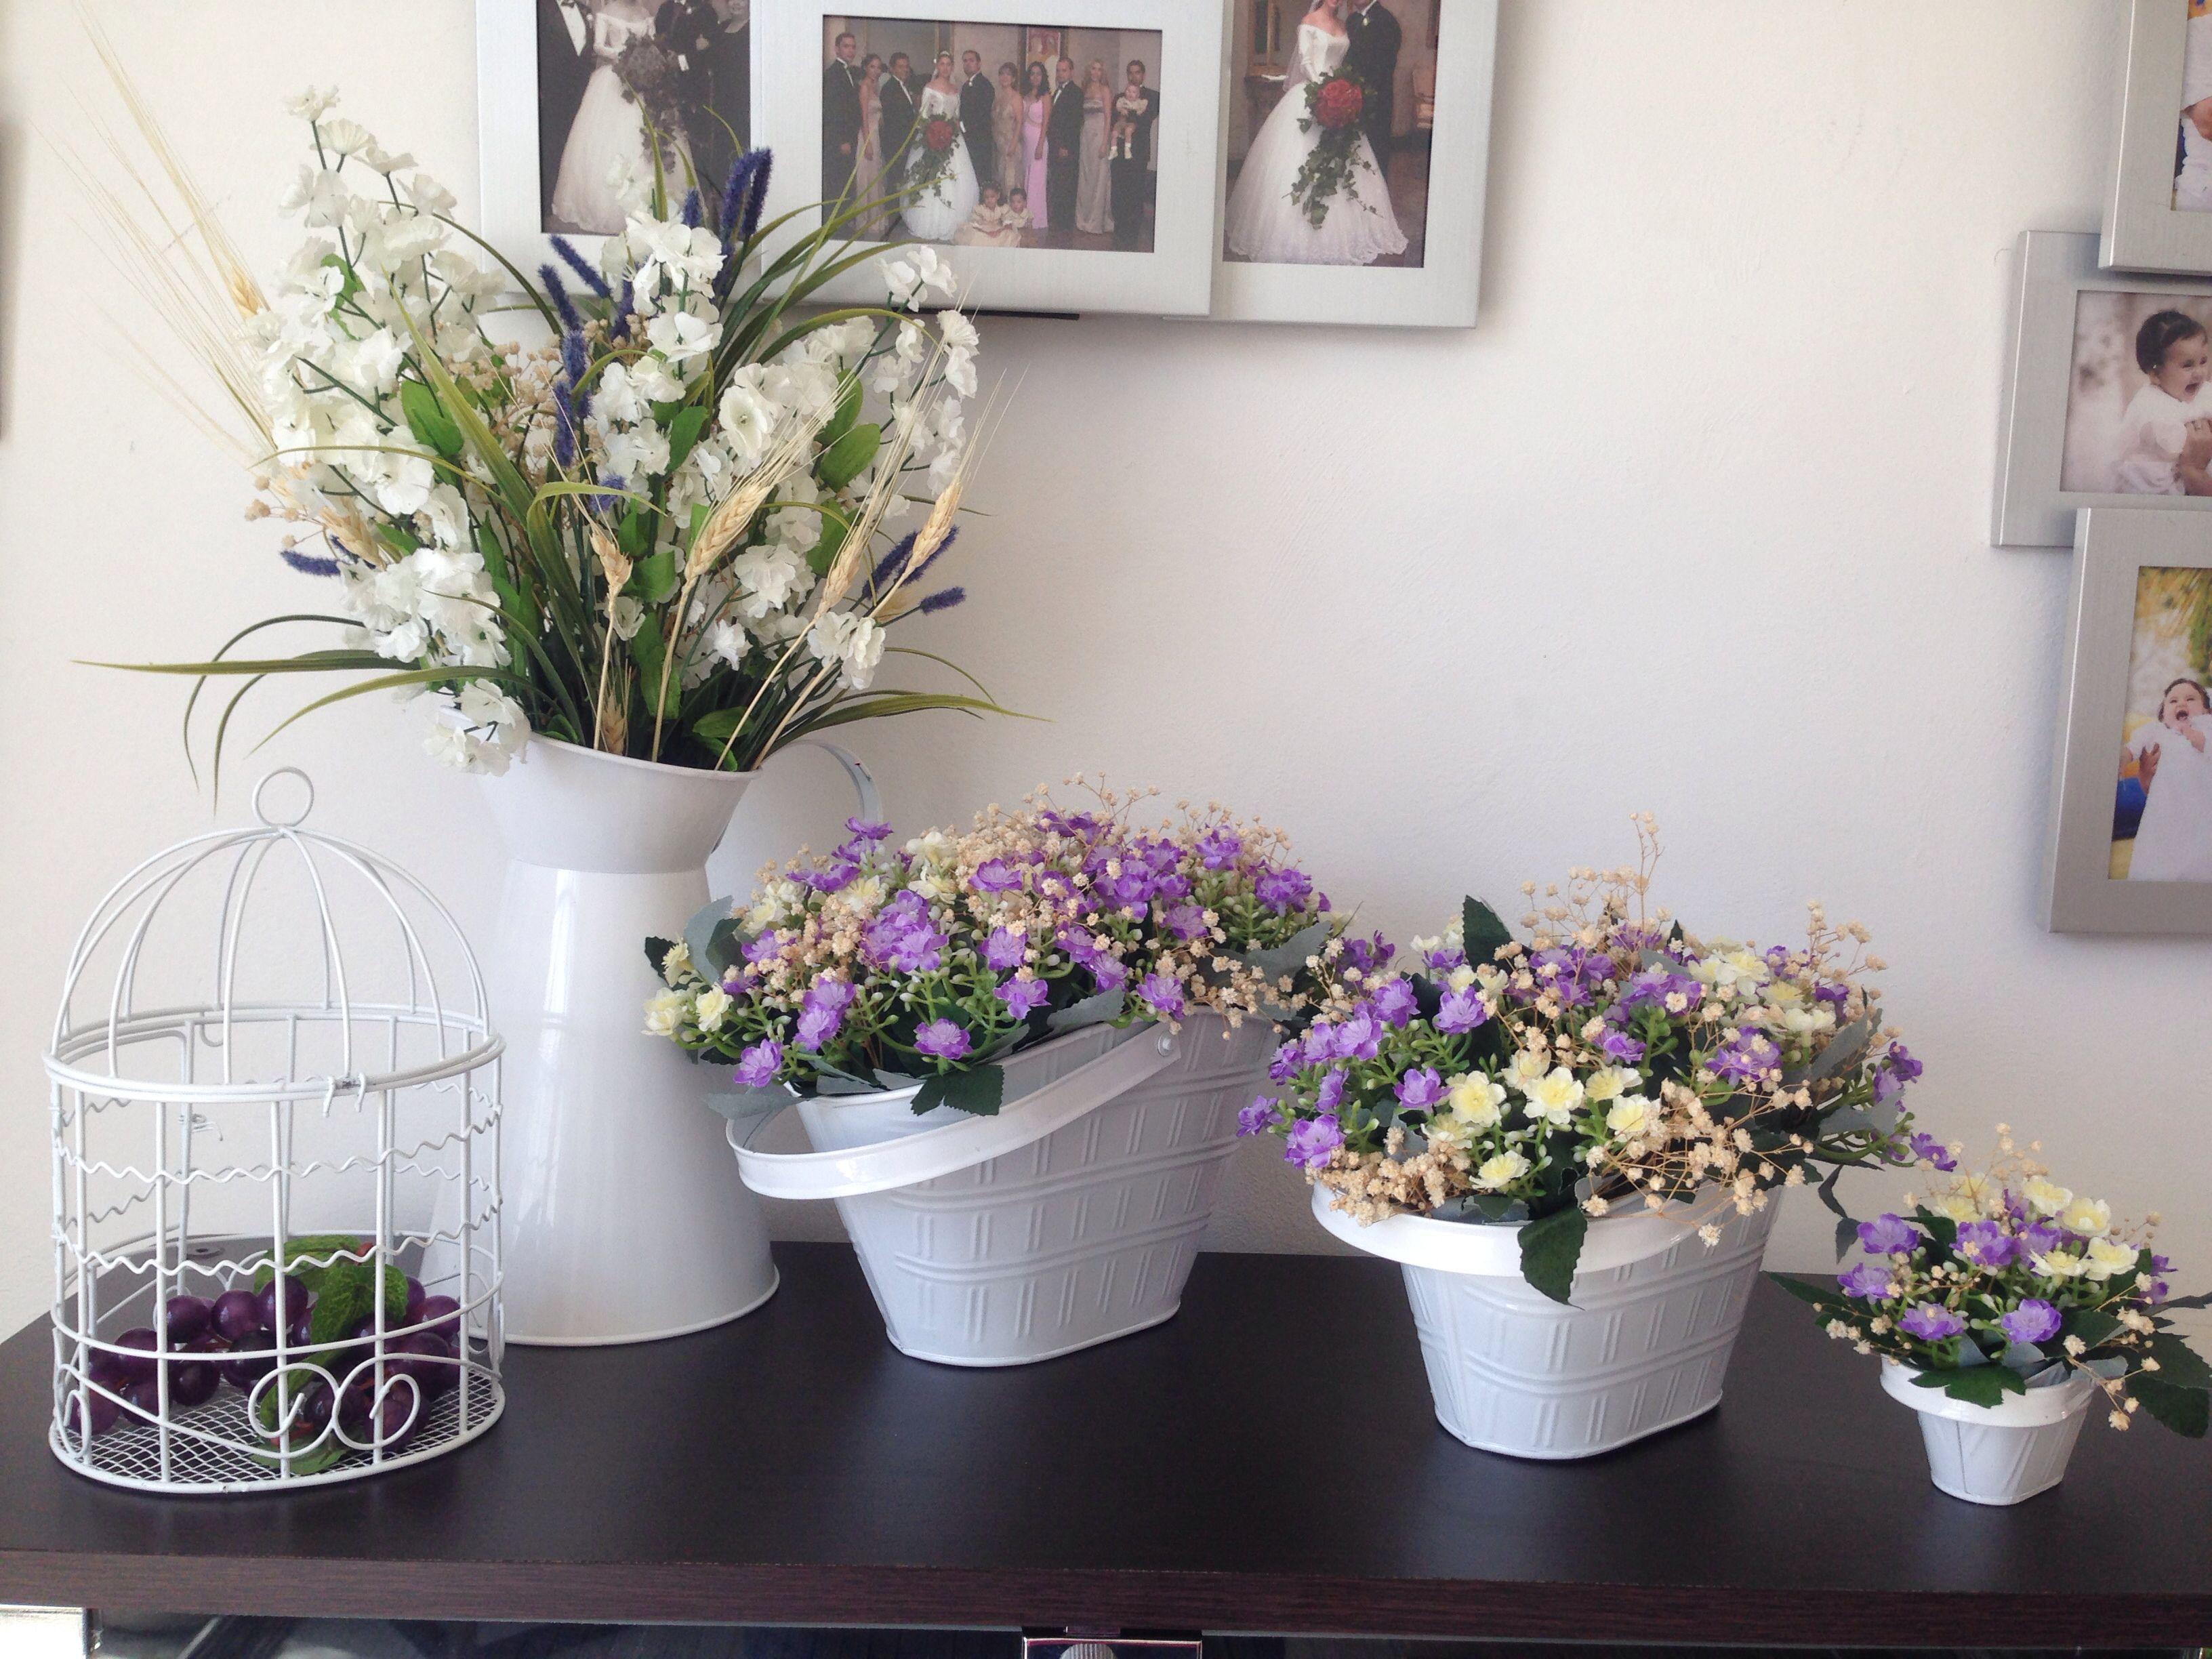 Arreglos con flores arreglos florales pinterest - Arreglos florales con flores secas ...